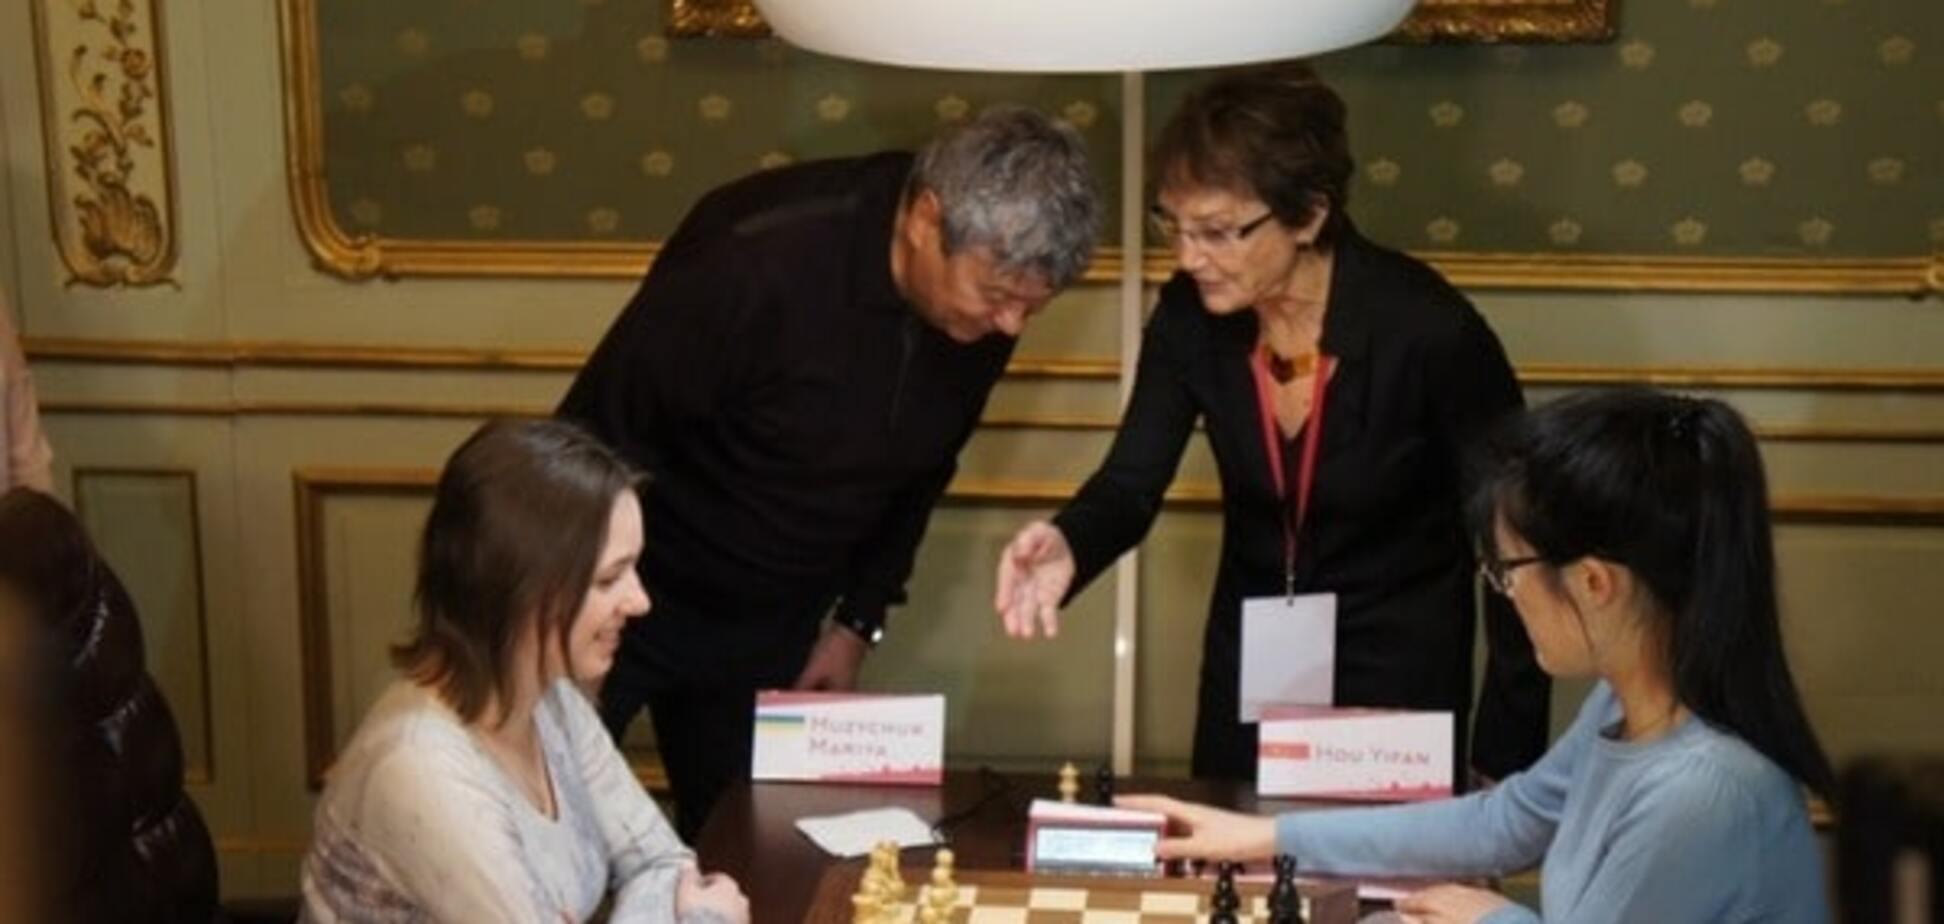 'Граю добре!' Луческу зробив хід за Музичук у фіналі чемпіонату світу з шахів: фотофакт